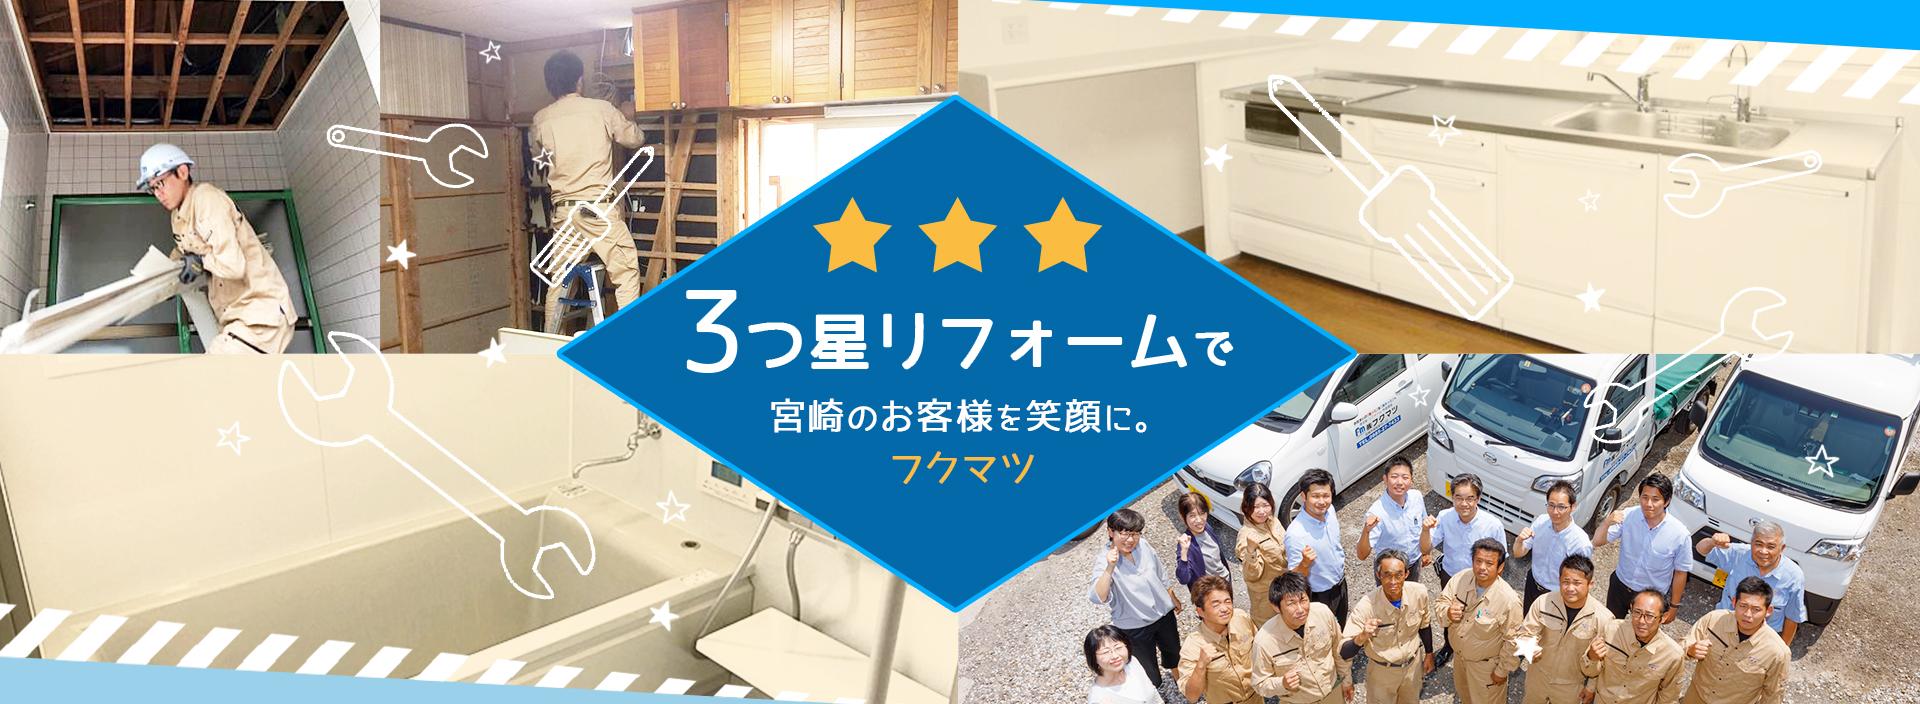 3つ星リフォームで宮崎のお客様を笑顔に。まちの住医フクマツ